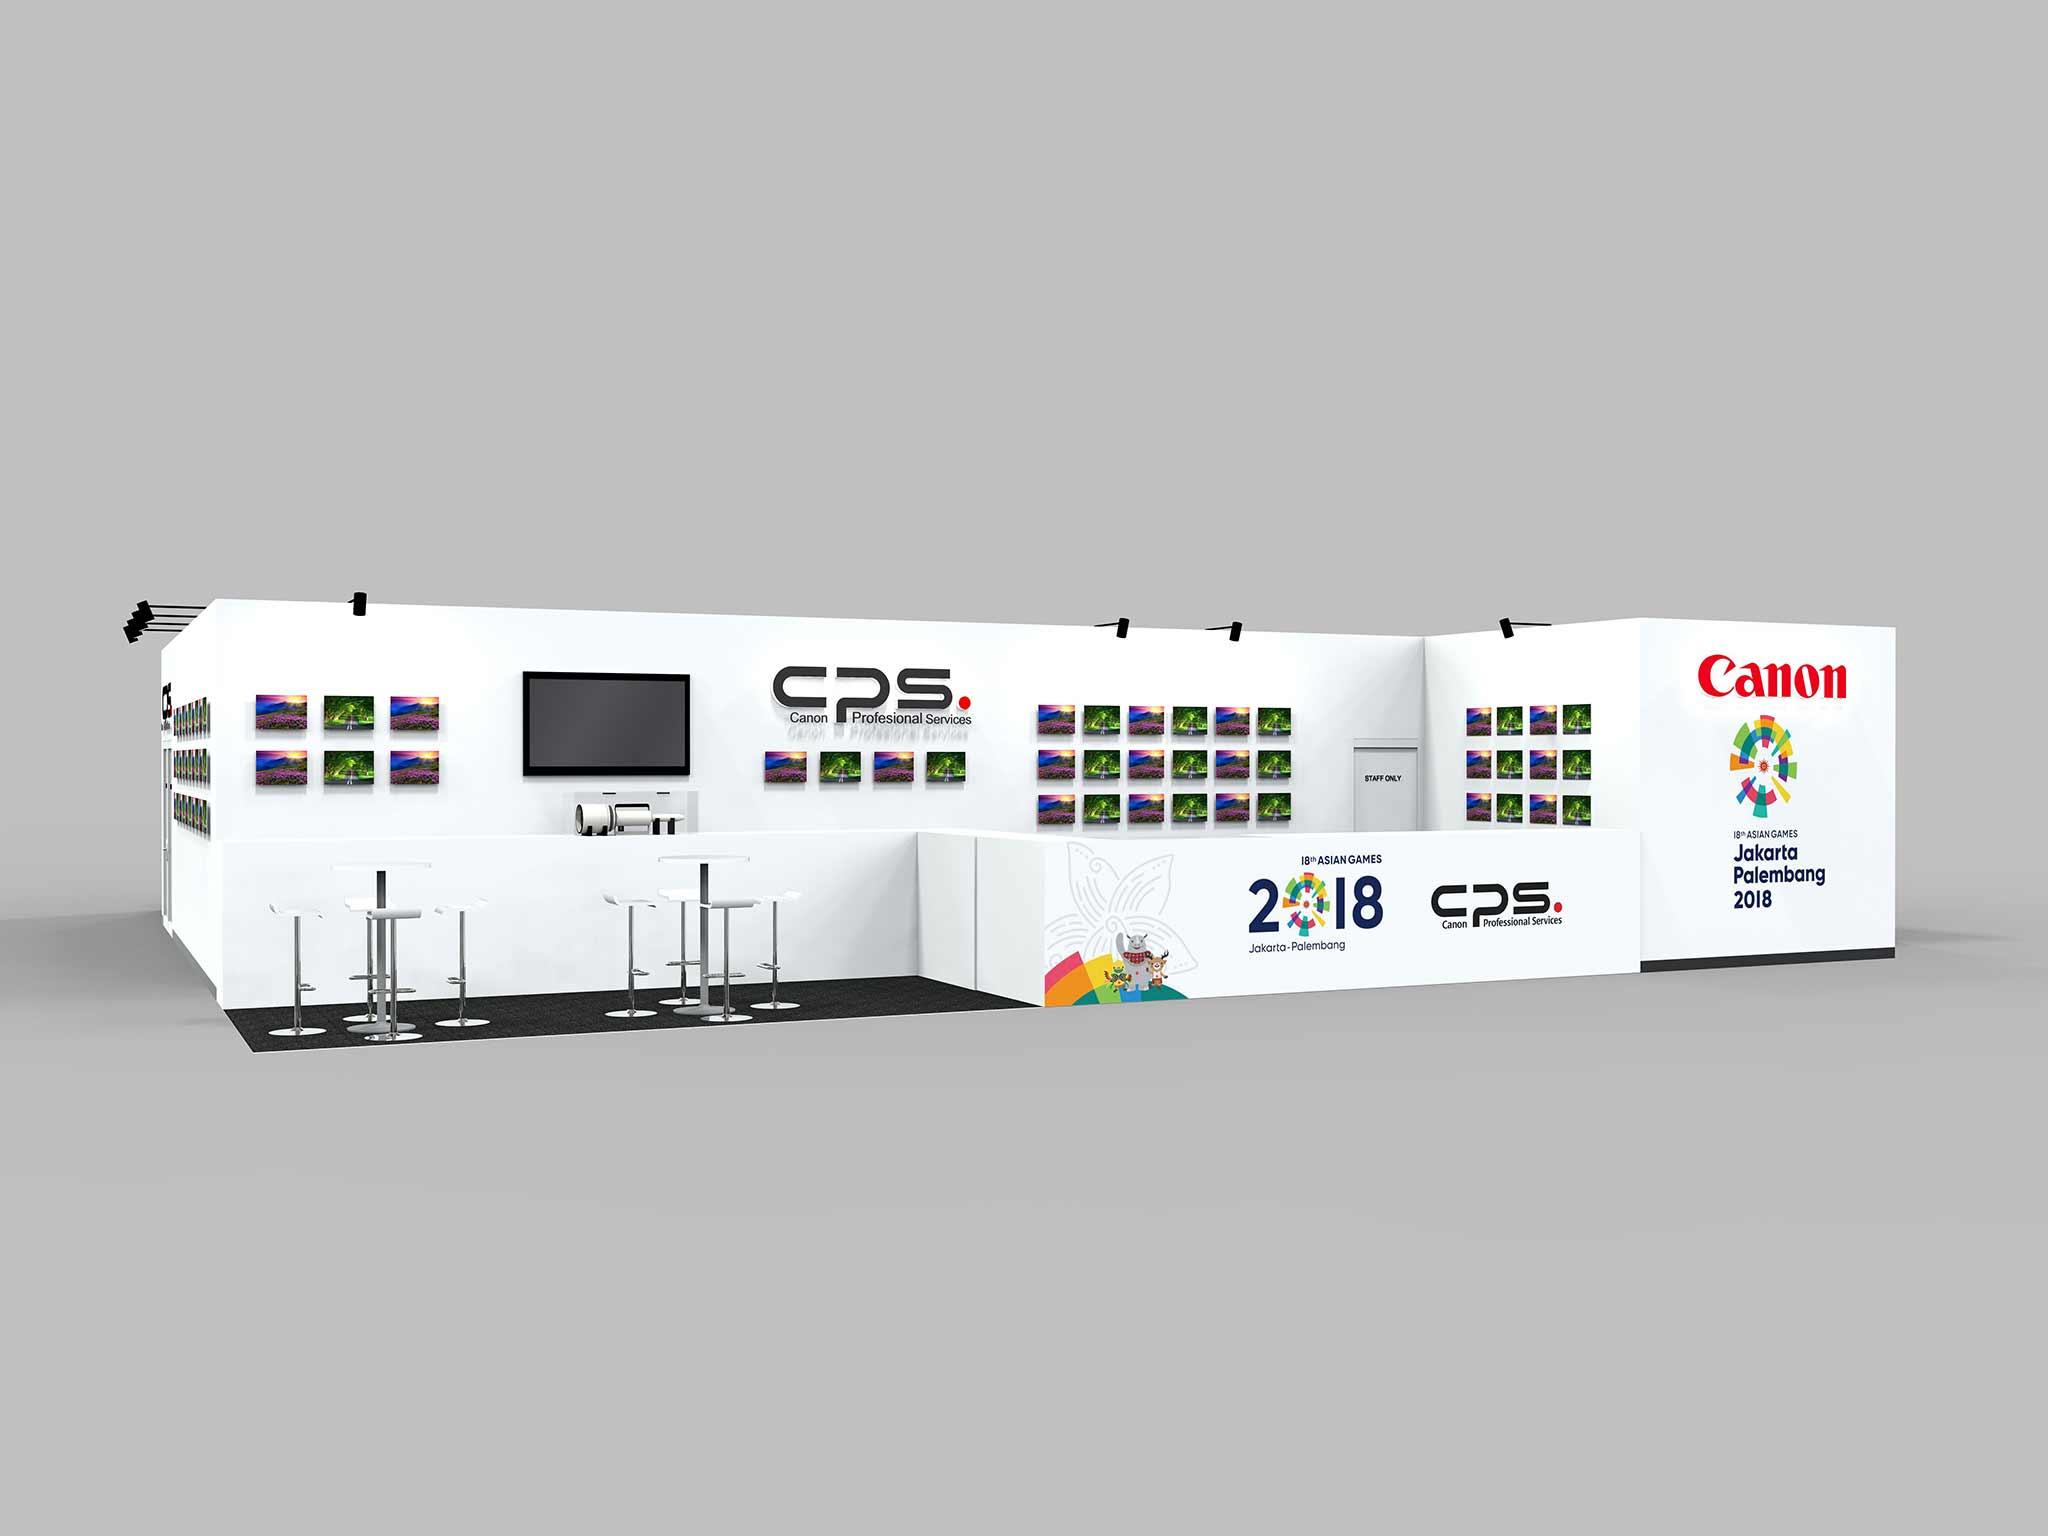 Canon 贊助「2018亞洲運動會」 專業團隊進駐 設立專業攝影服務中心